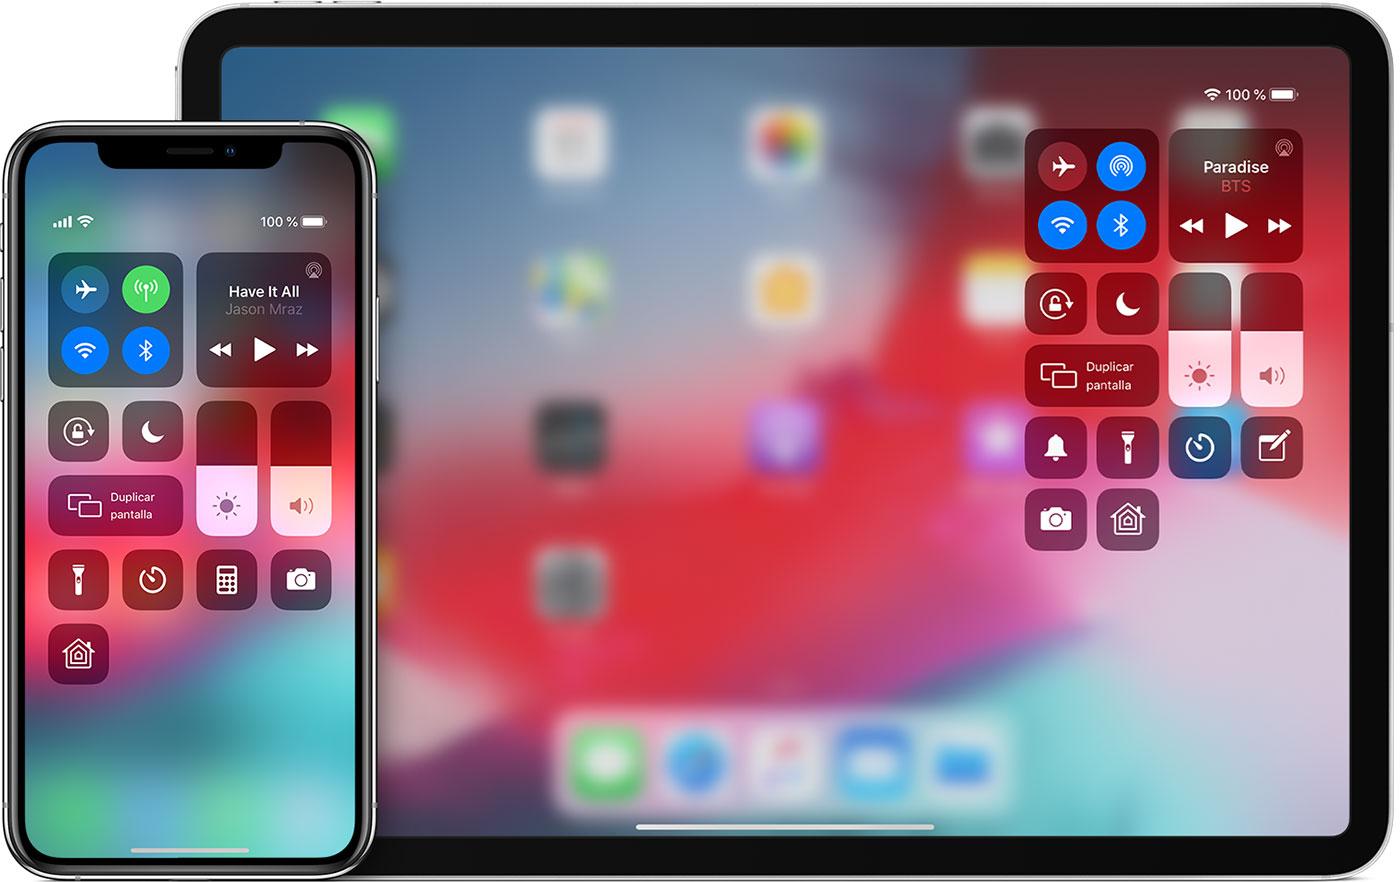 Supporto Remoto per iOS